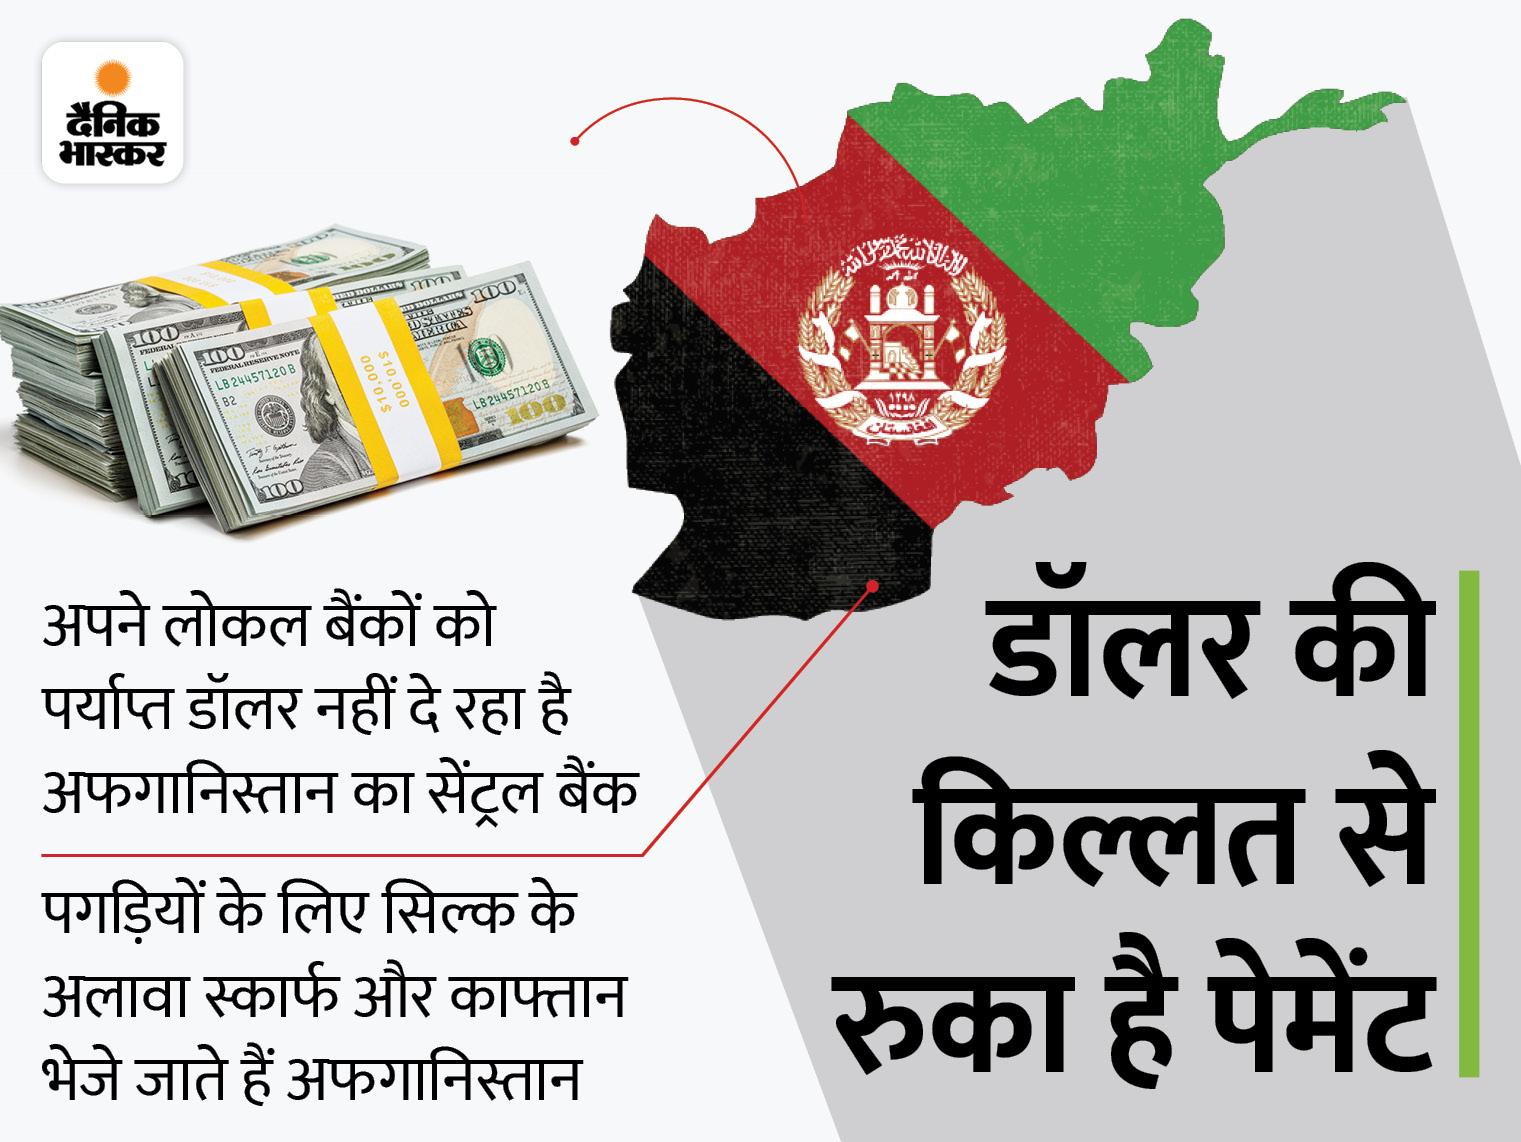 कपड़ा निर्यातकों के 4,000 करोड़ रुपए फंसे, अफगानिस्तान के सेंट्रल बैंक ने रोका डॉलर का लेनदेन|बिजनेस,Business - Dainik Bhaskar